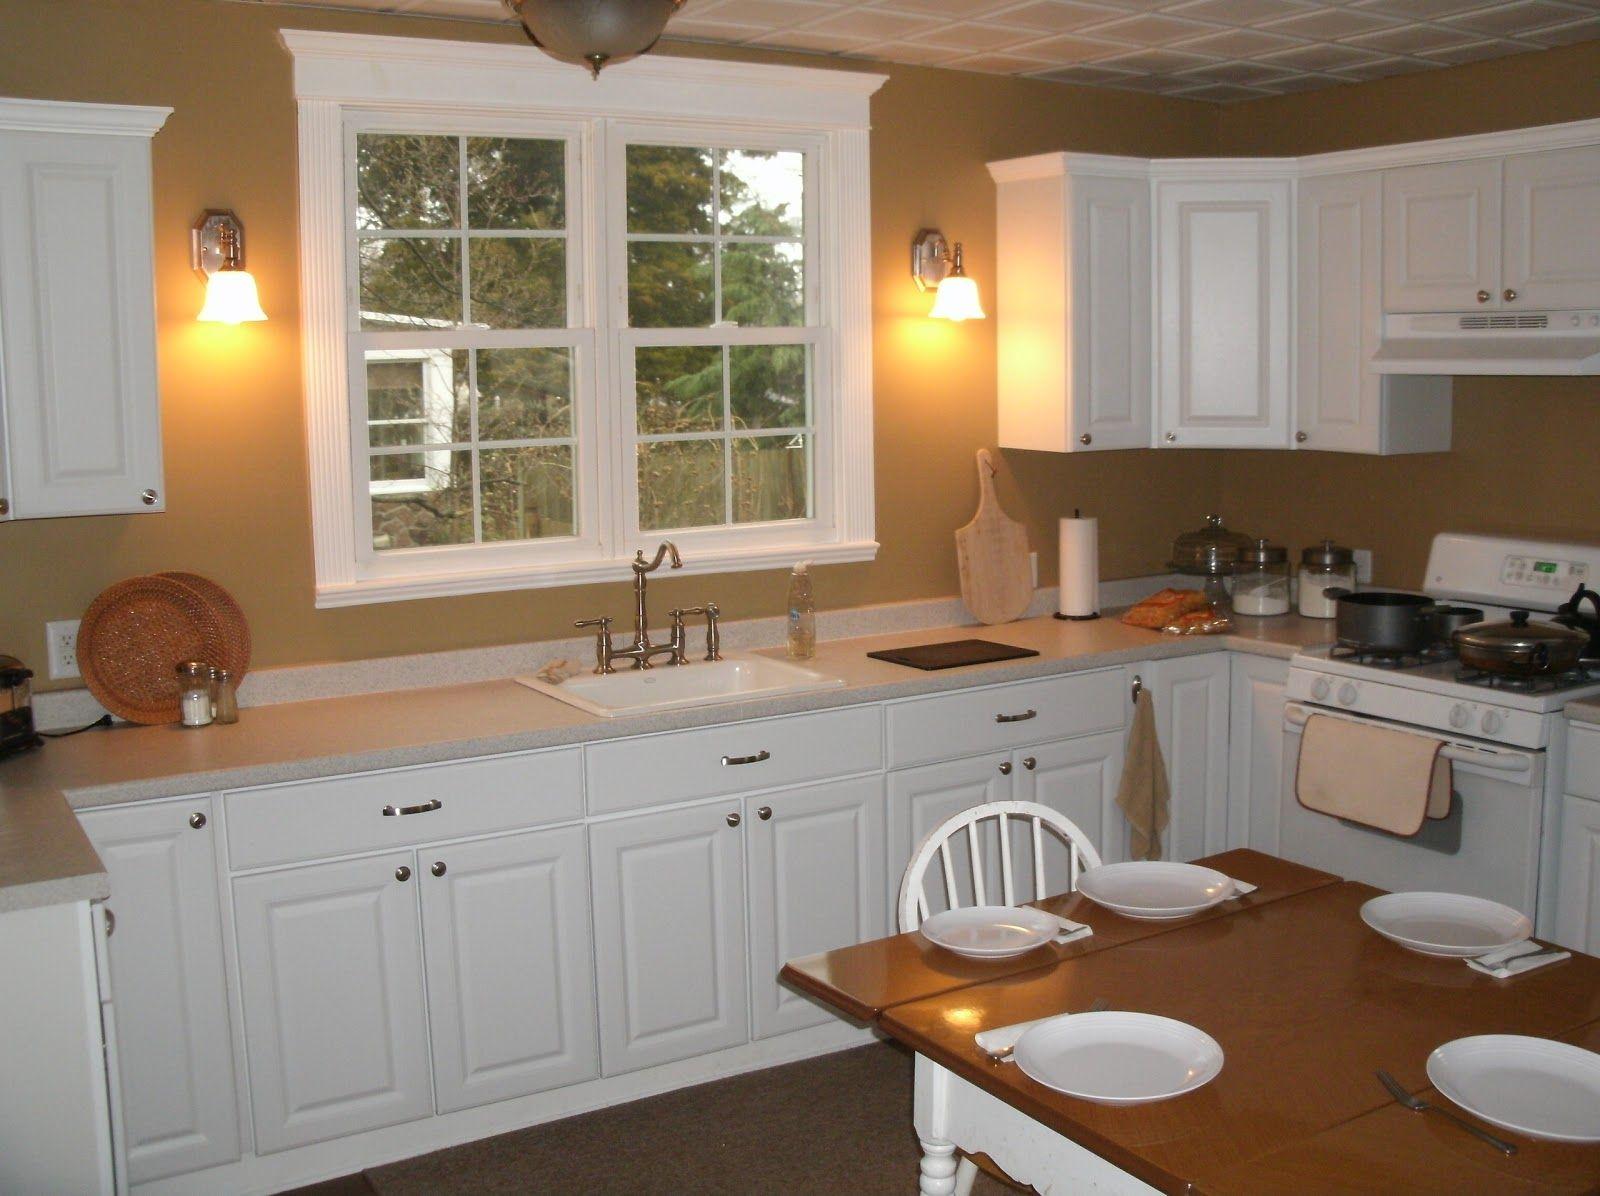 Como amueblar una cocina cuadrada simple cheap fabulous for Distribuir cocina cuadrada